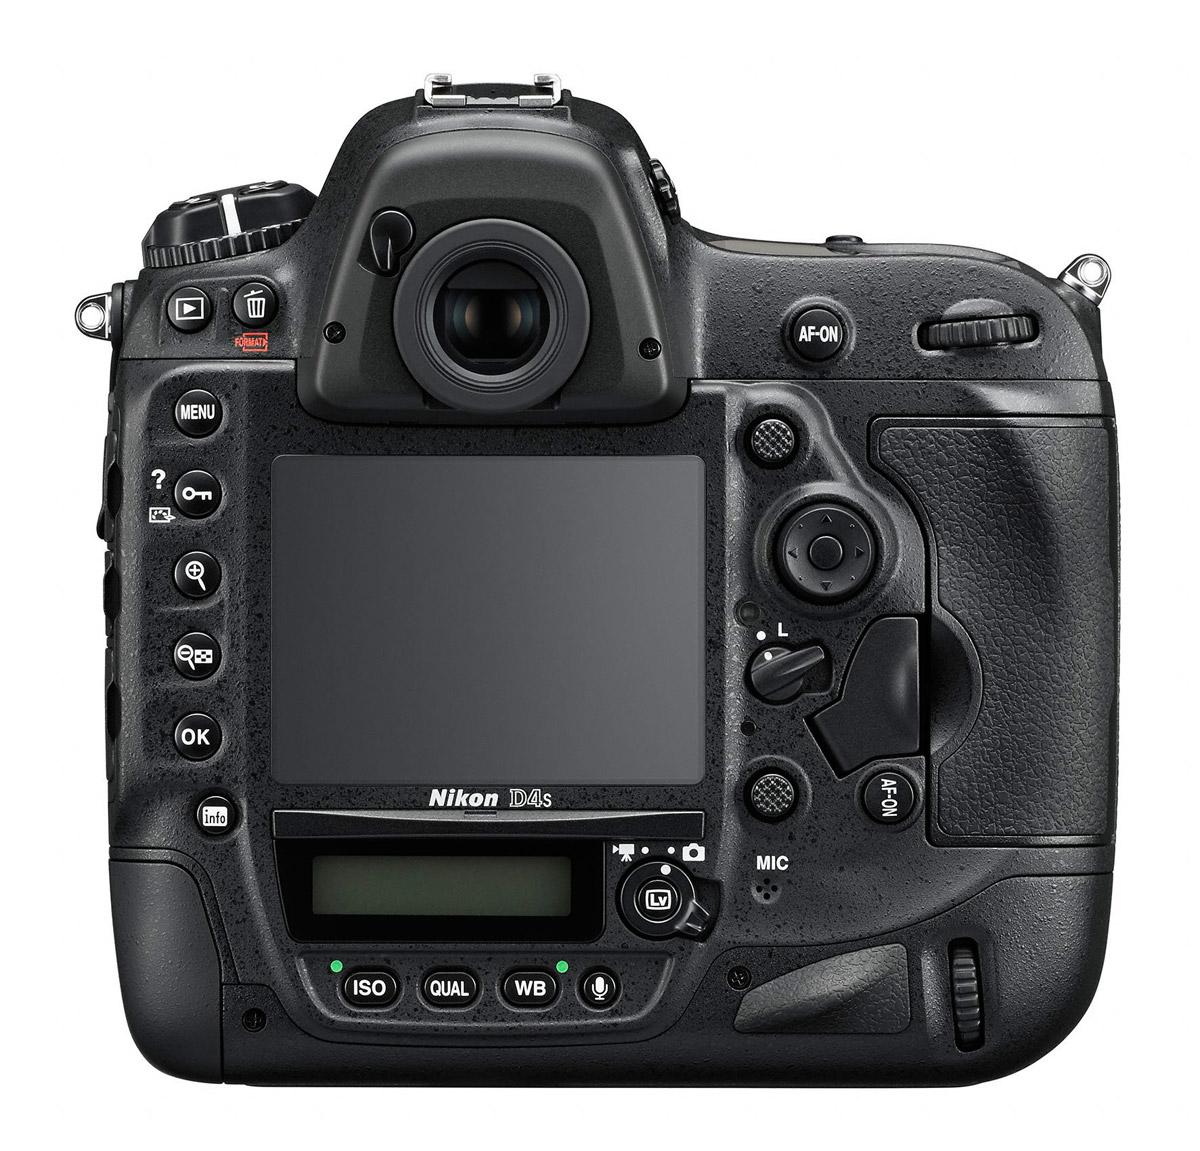 Nikon D4S - Rear View